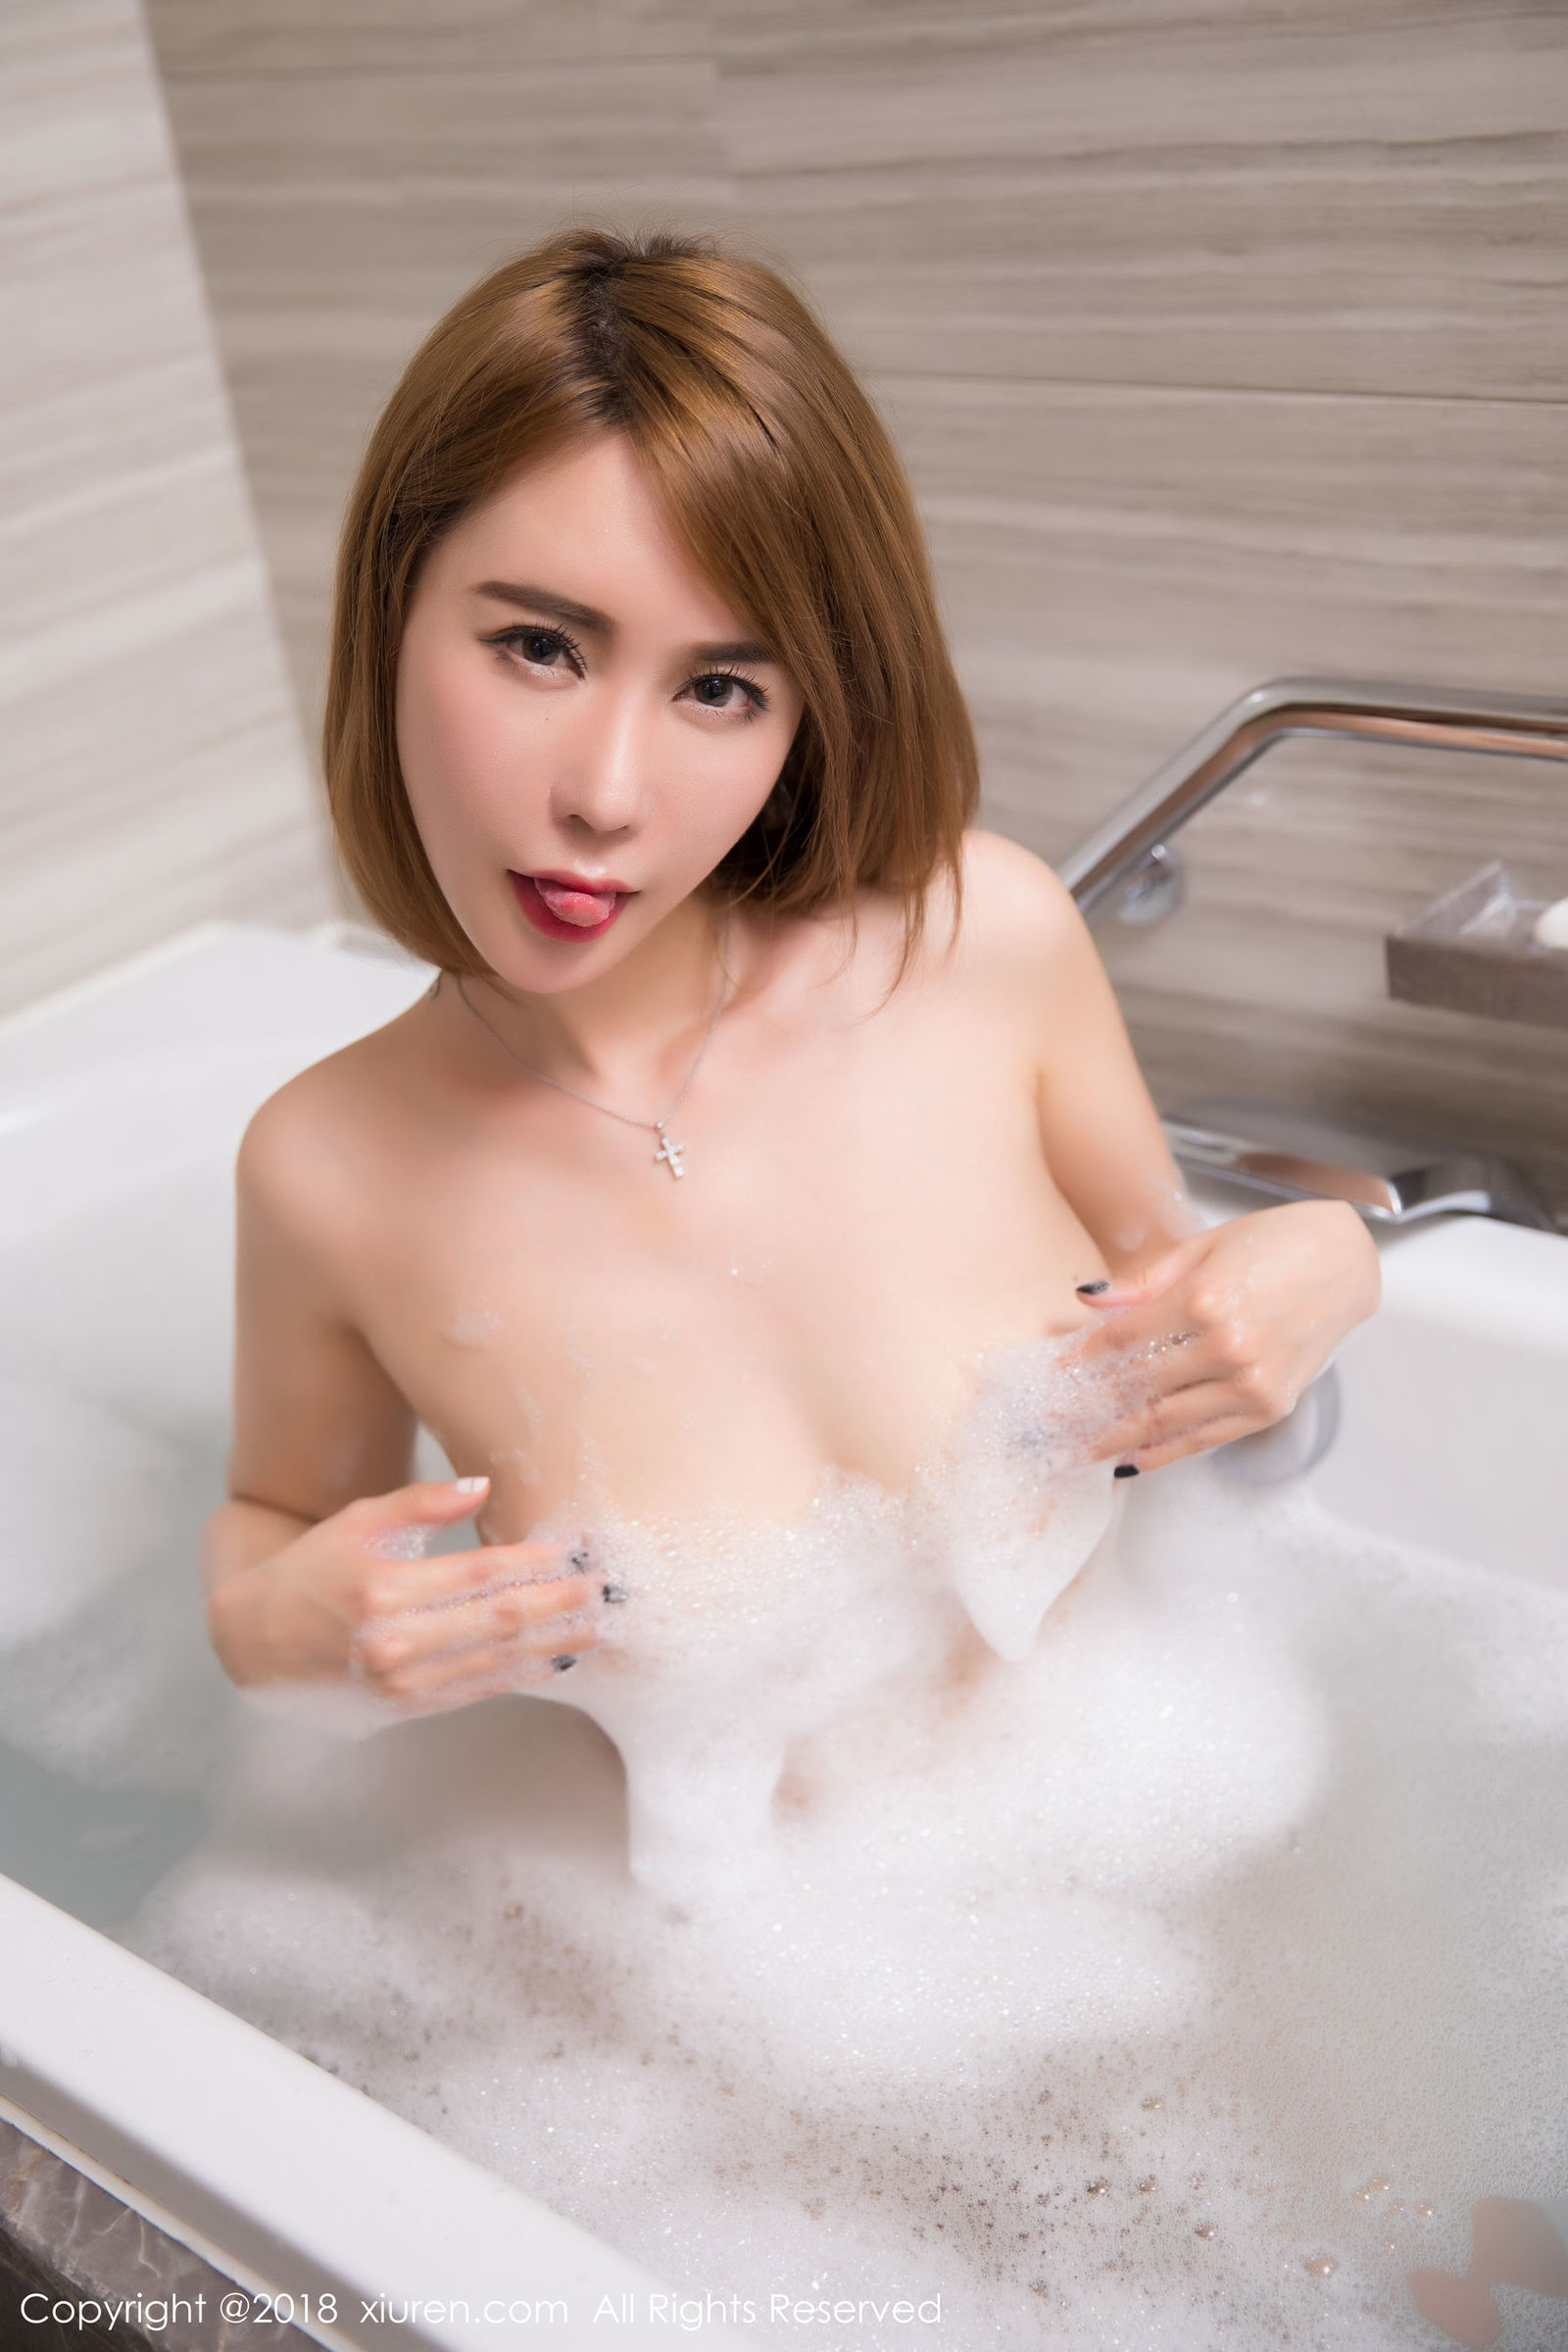 模特@楚恬Olivia性感泡泡浴写真